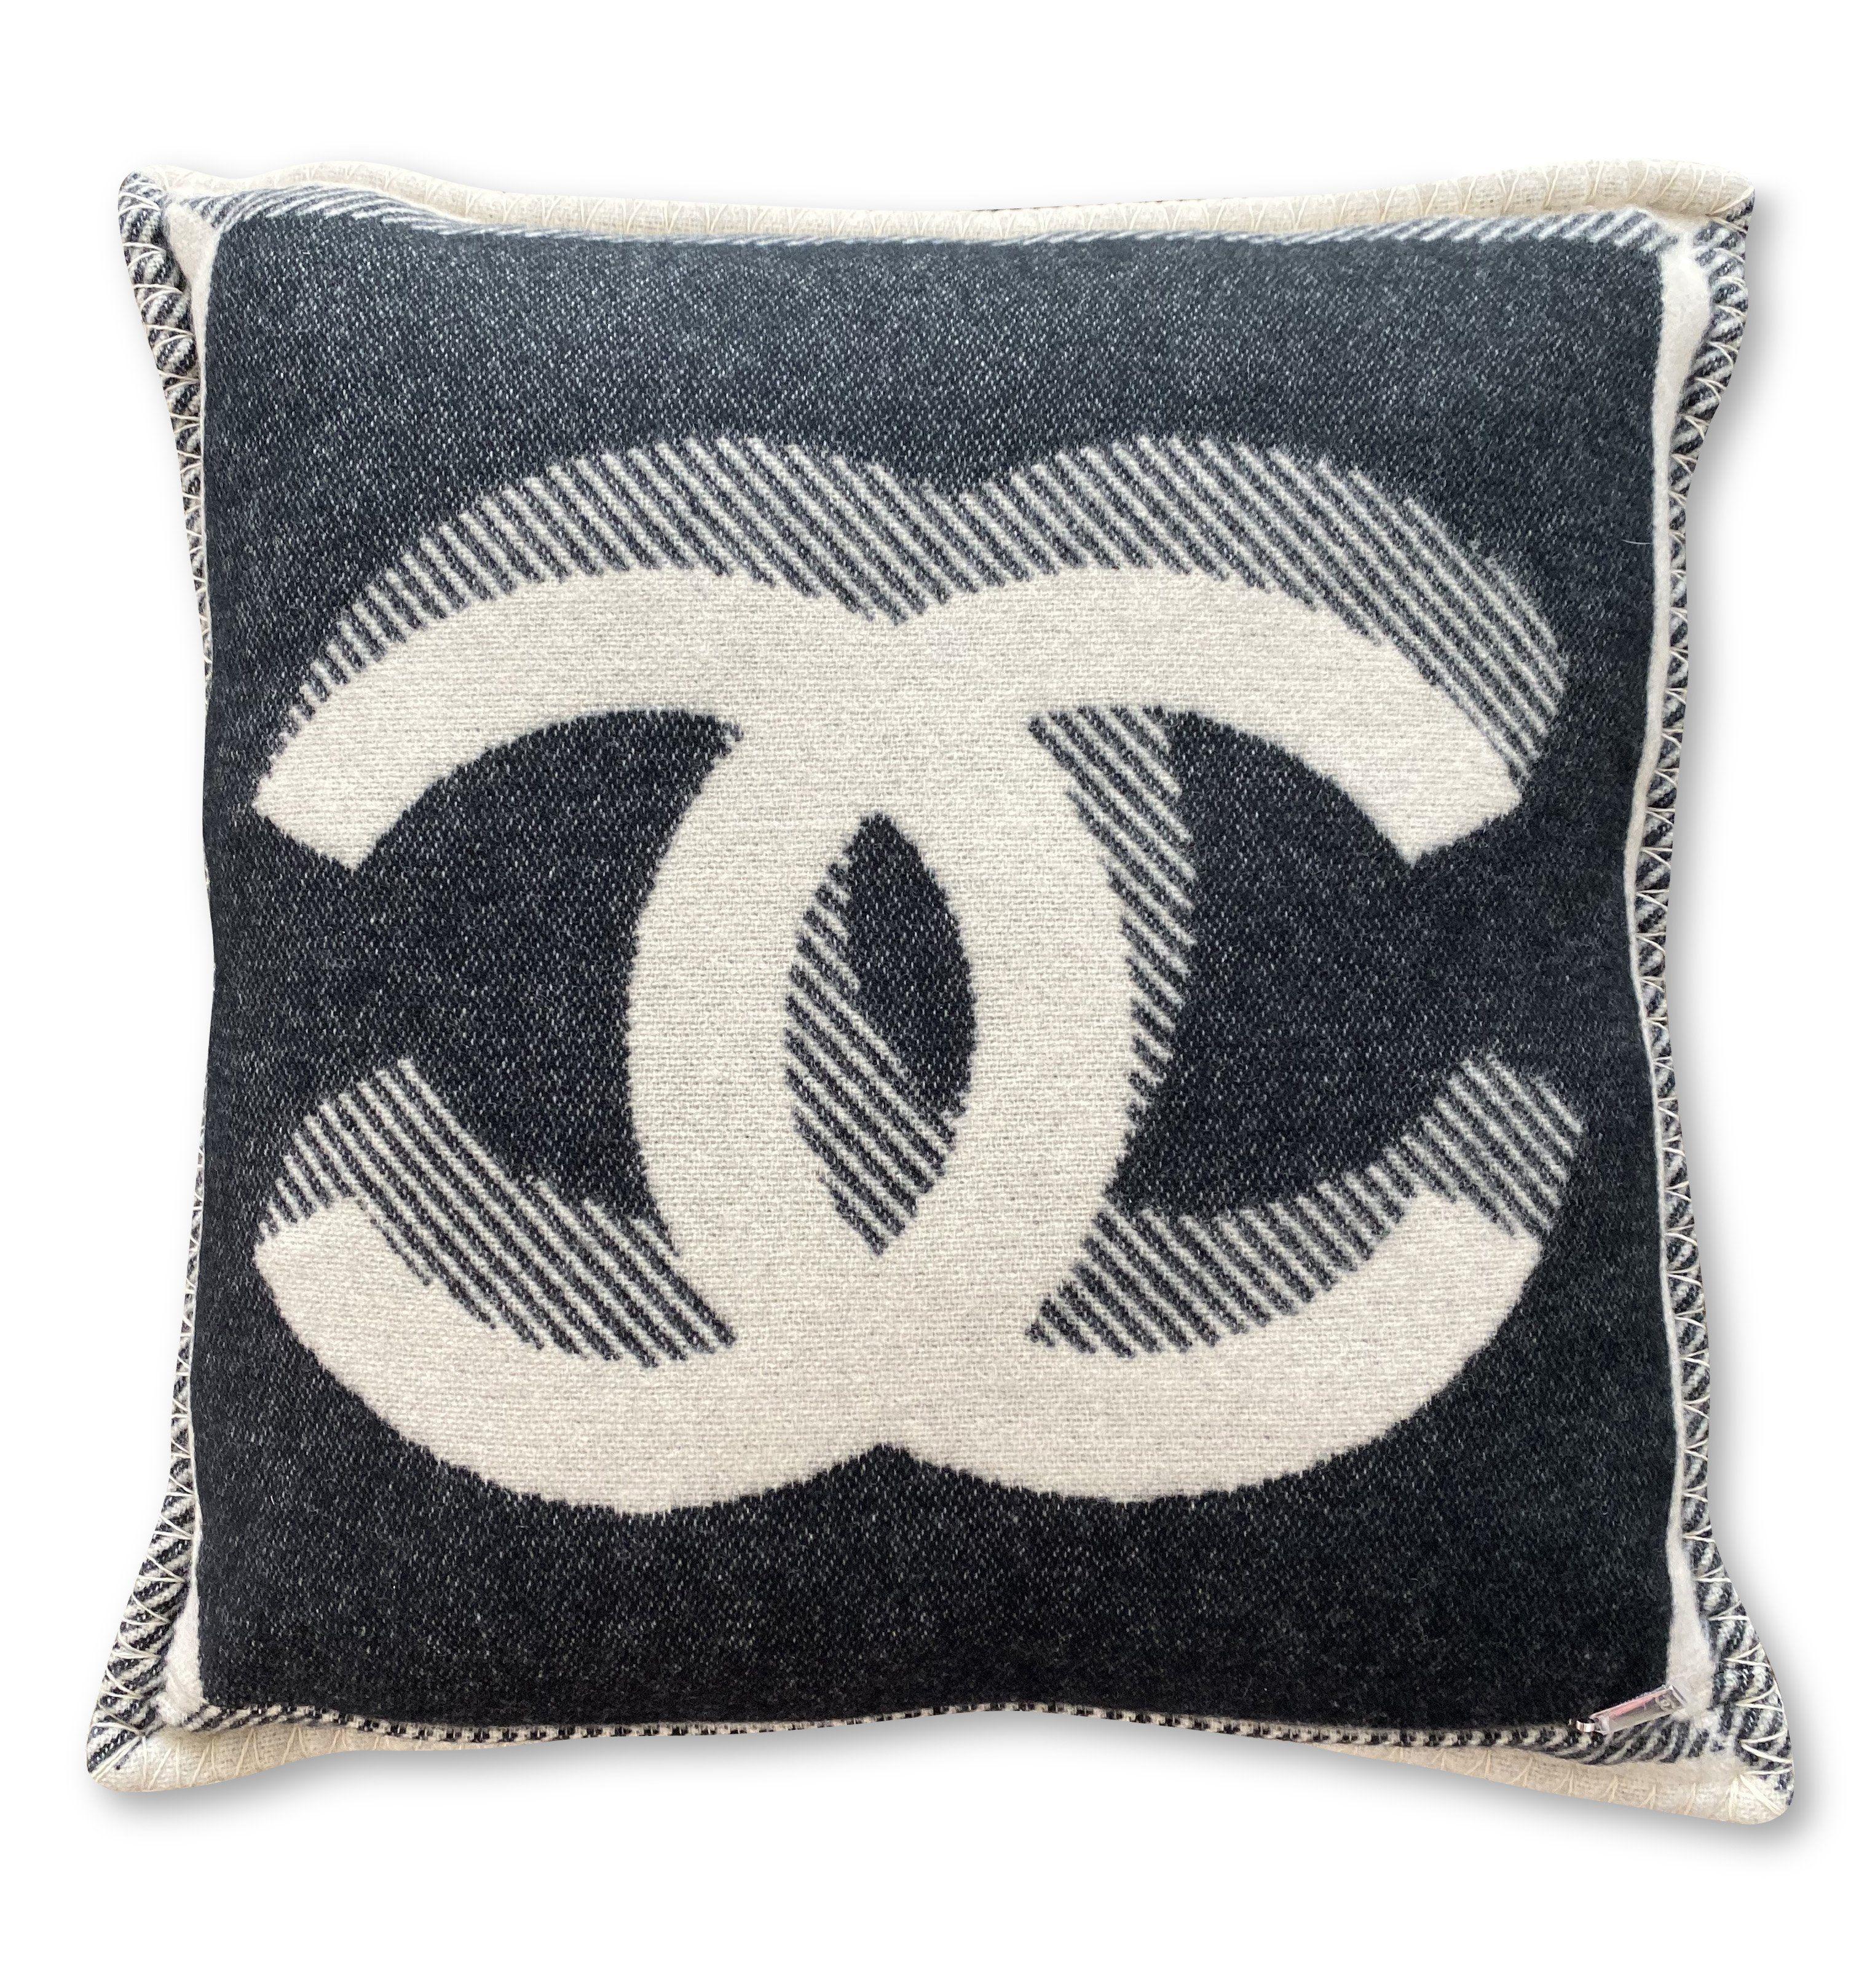 Authentic Chanel Pillow Black Cashmere